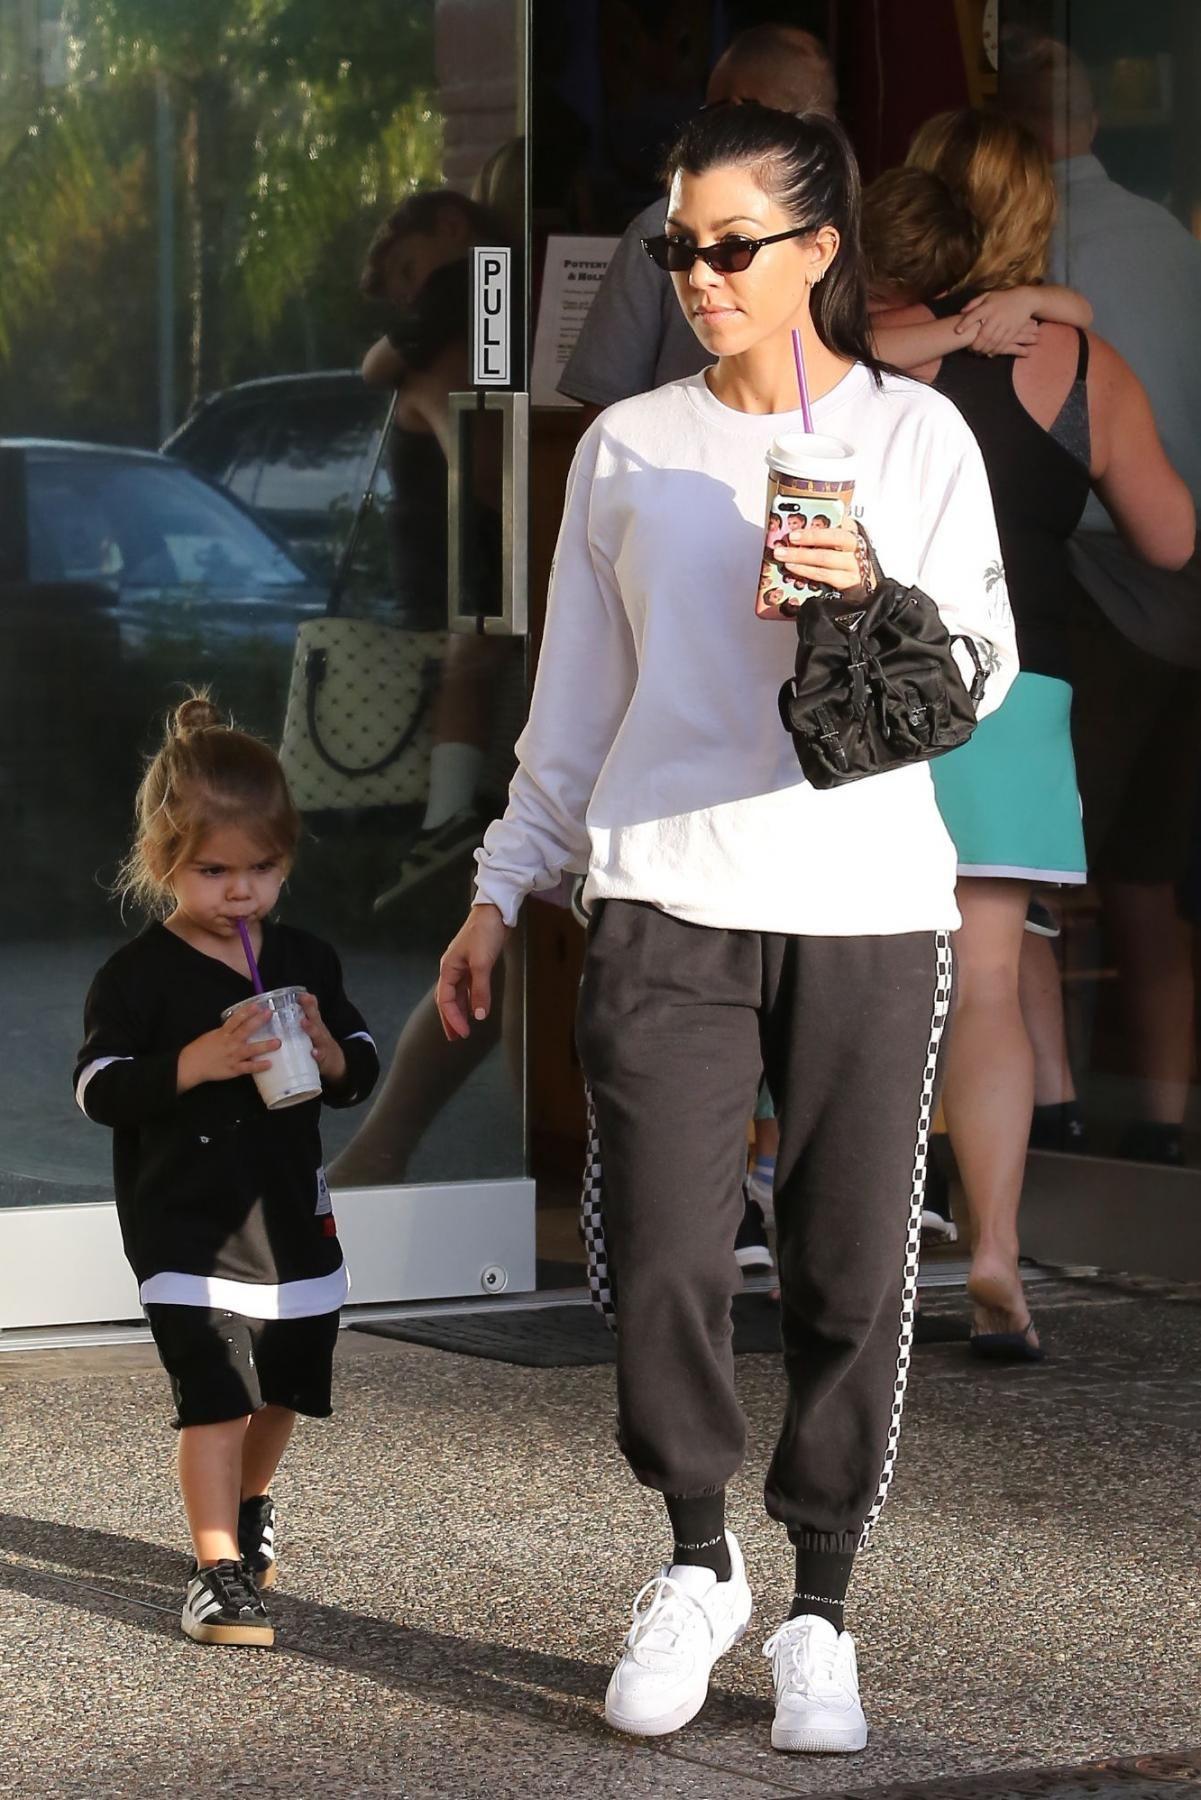 afa147a3a4 Kourtney Kardashian With Larsa Pippen November 24